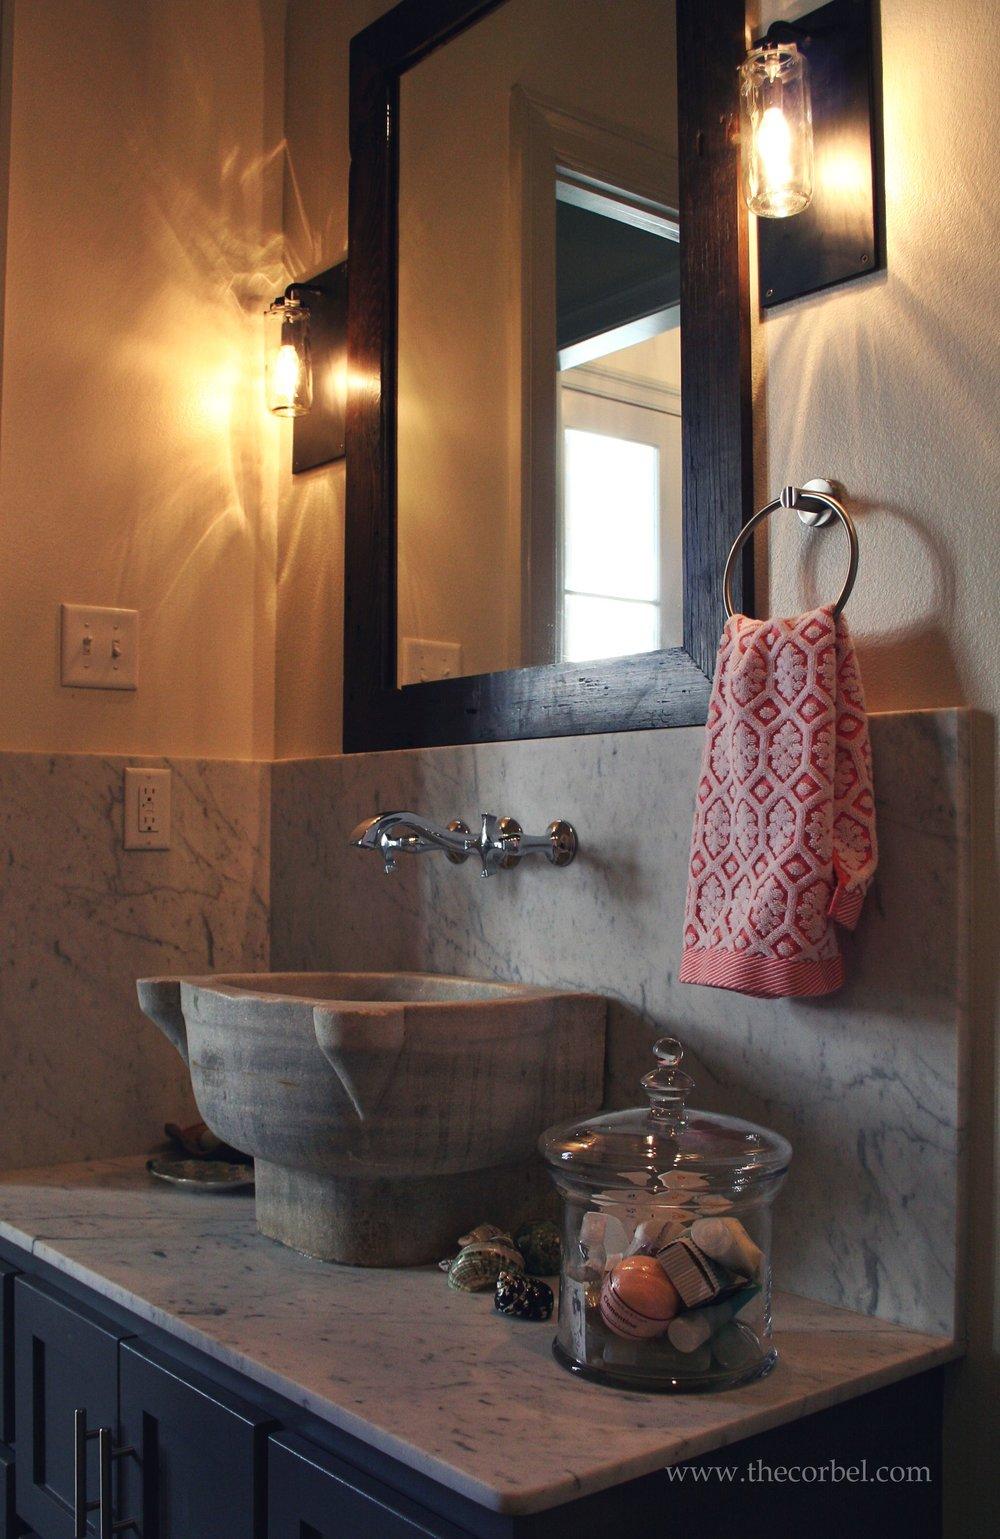 Charlet guest bath F.jpg